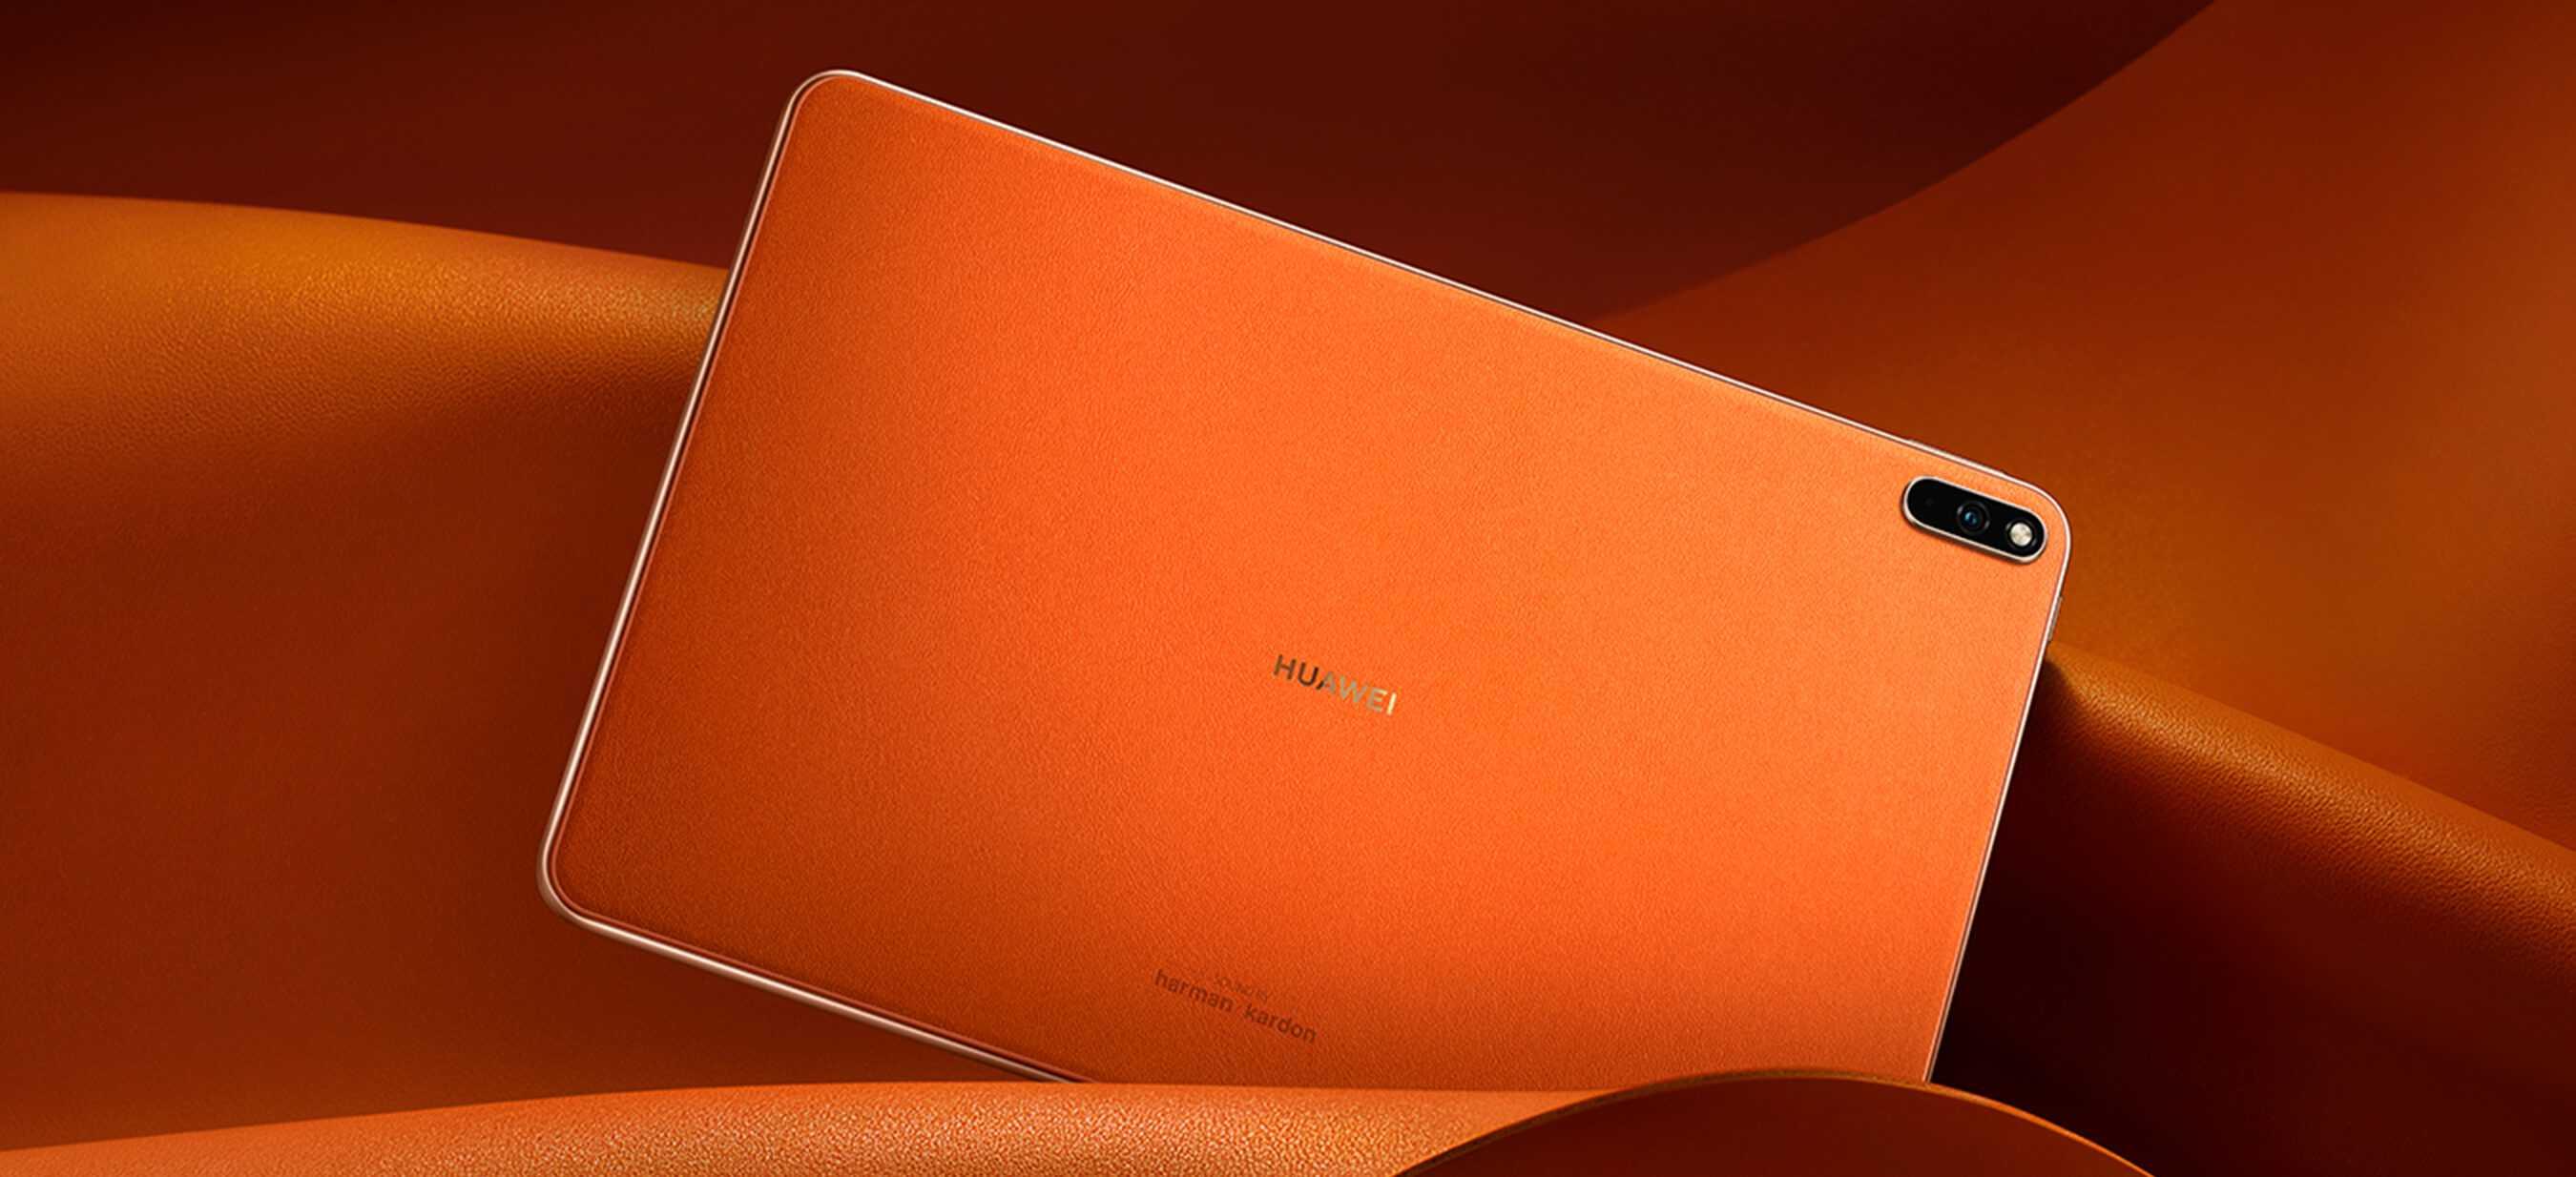 Huawei выпустил гибкий смартфон и «убийц» ipad pro и macbook pro. цена, видео - cnews